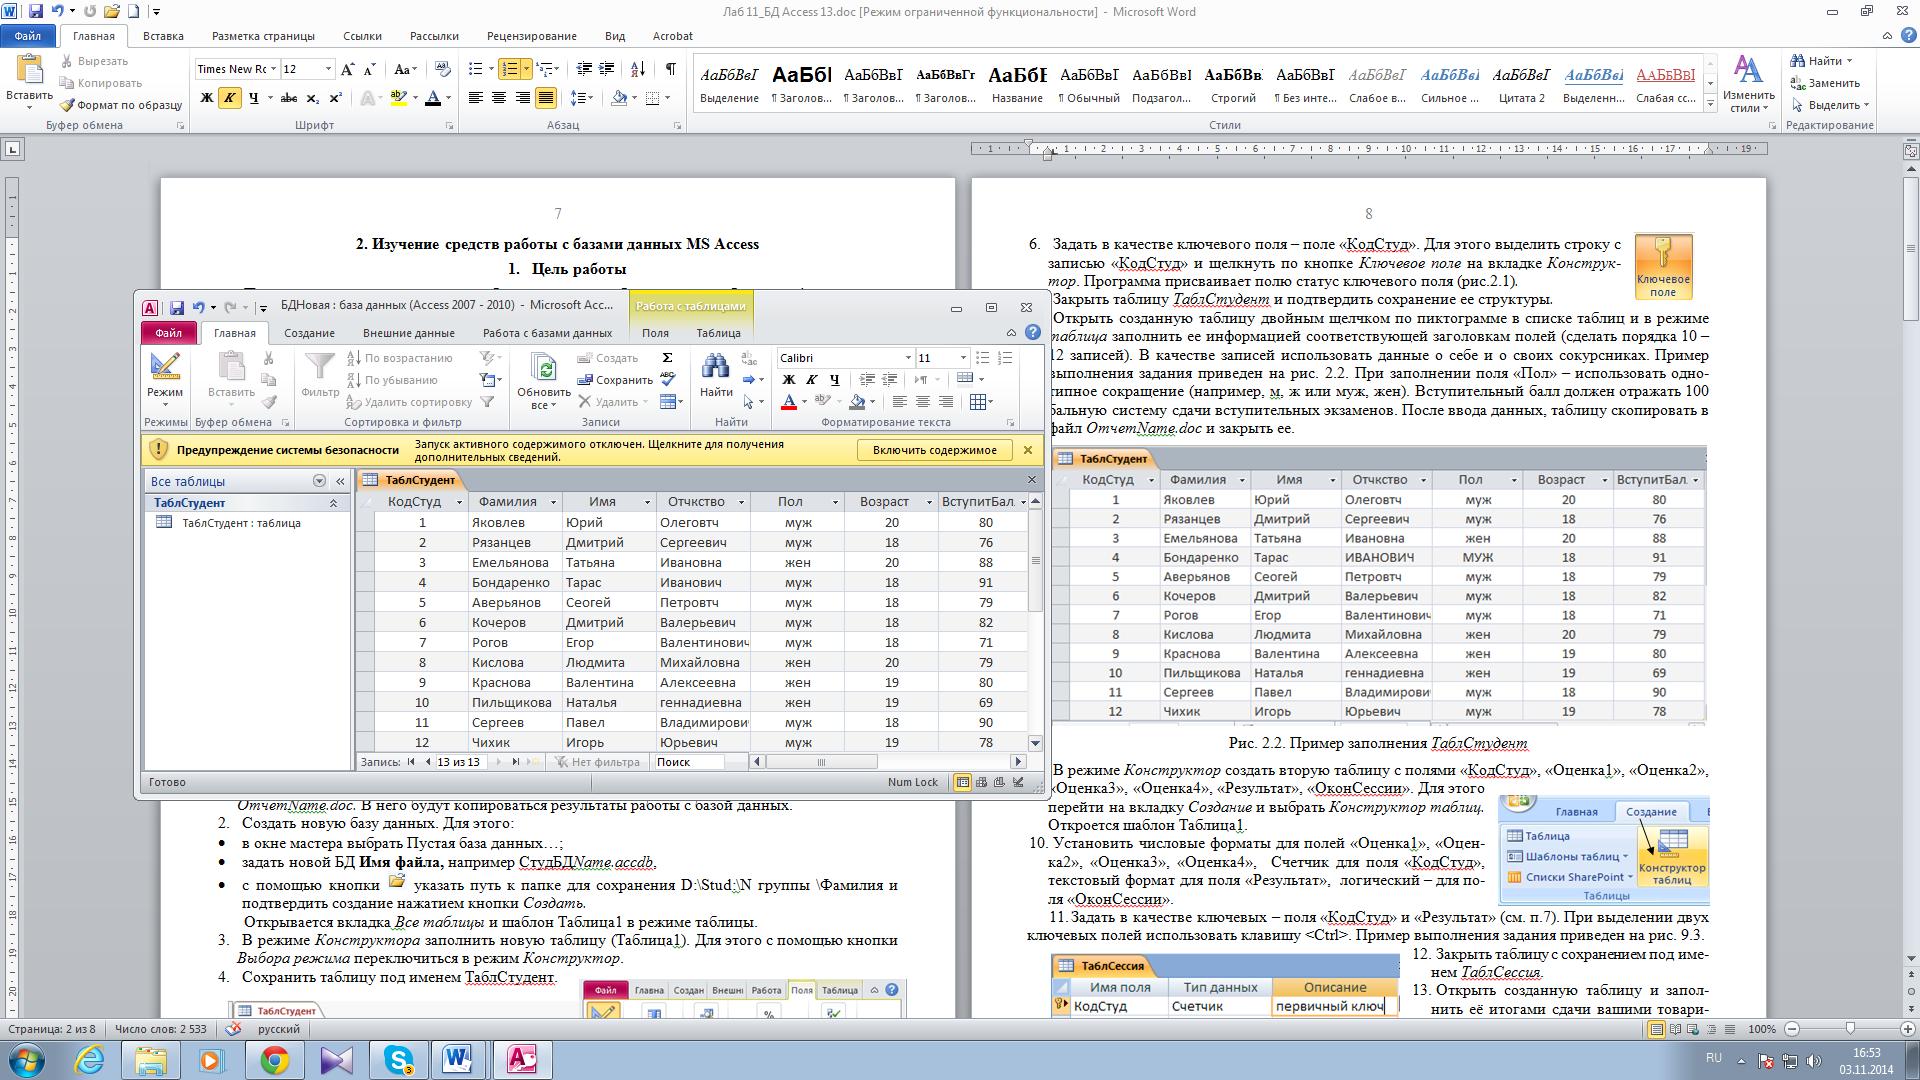 Настройка полей страницы в Word - Word - Microsoft Office Support 4